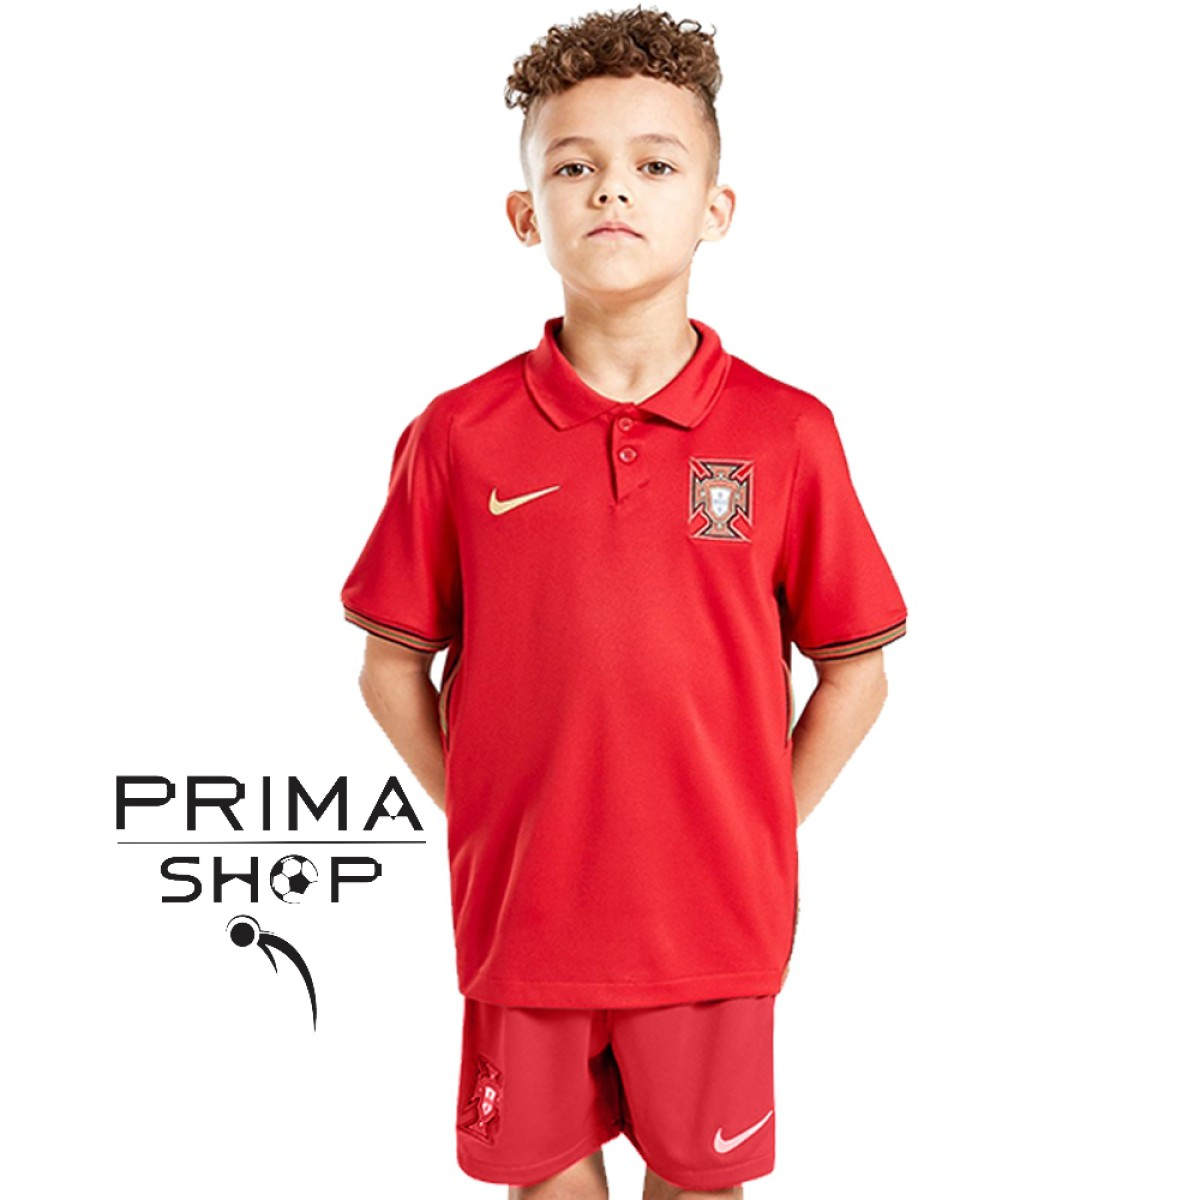 لباس بچه گانه تیم ملی پرتغال 2020   پیراهن شورت بچه گانه پرتغال